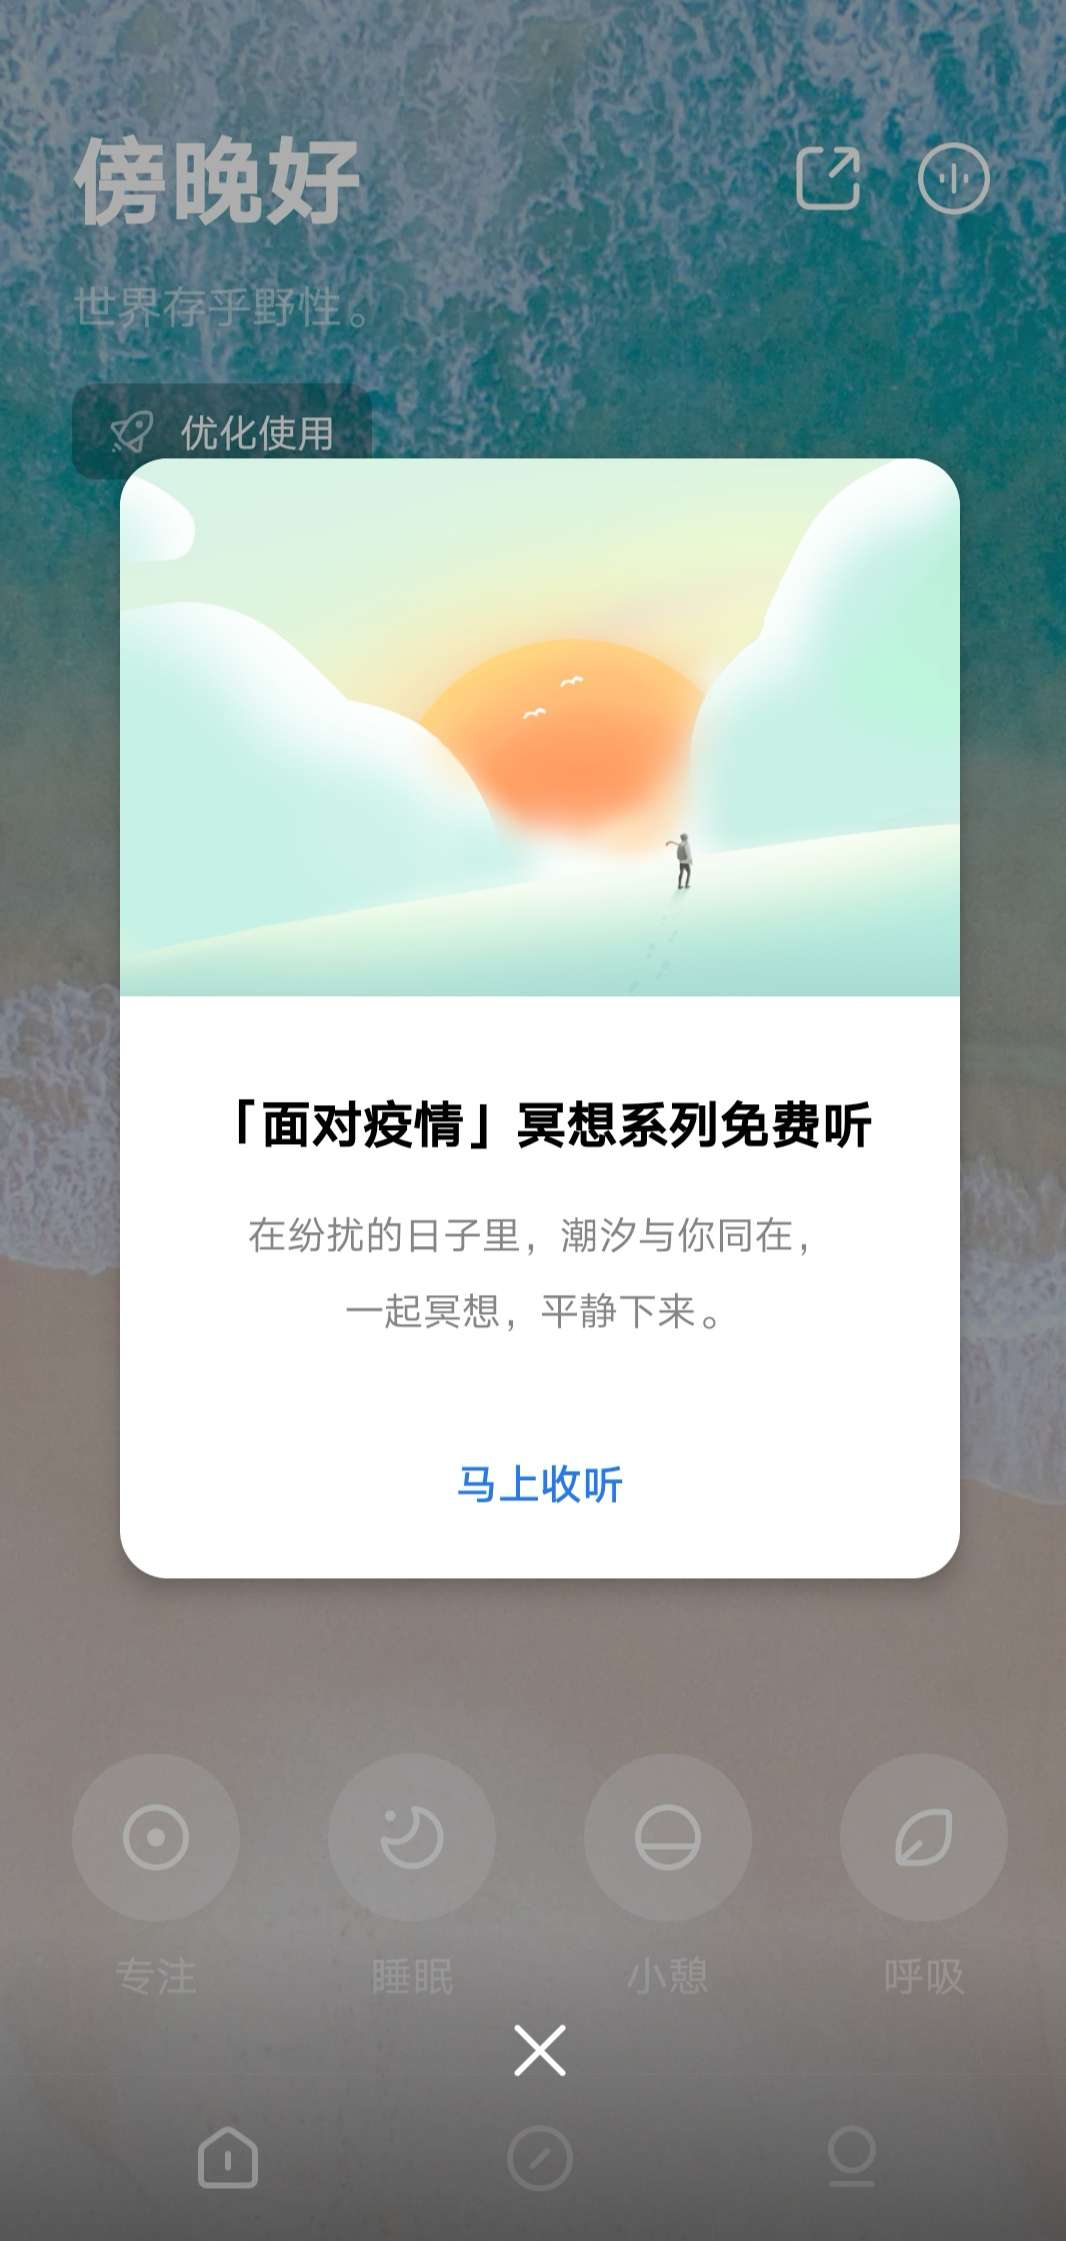 【分享】:【考核】潮汐3.0.7 暂时放下手机、专心投入